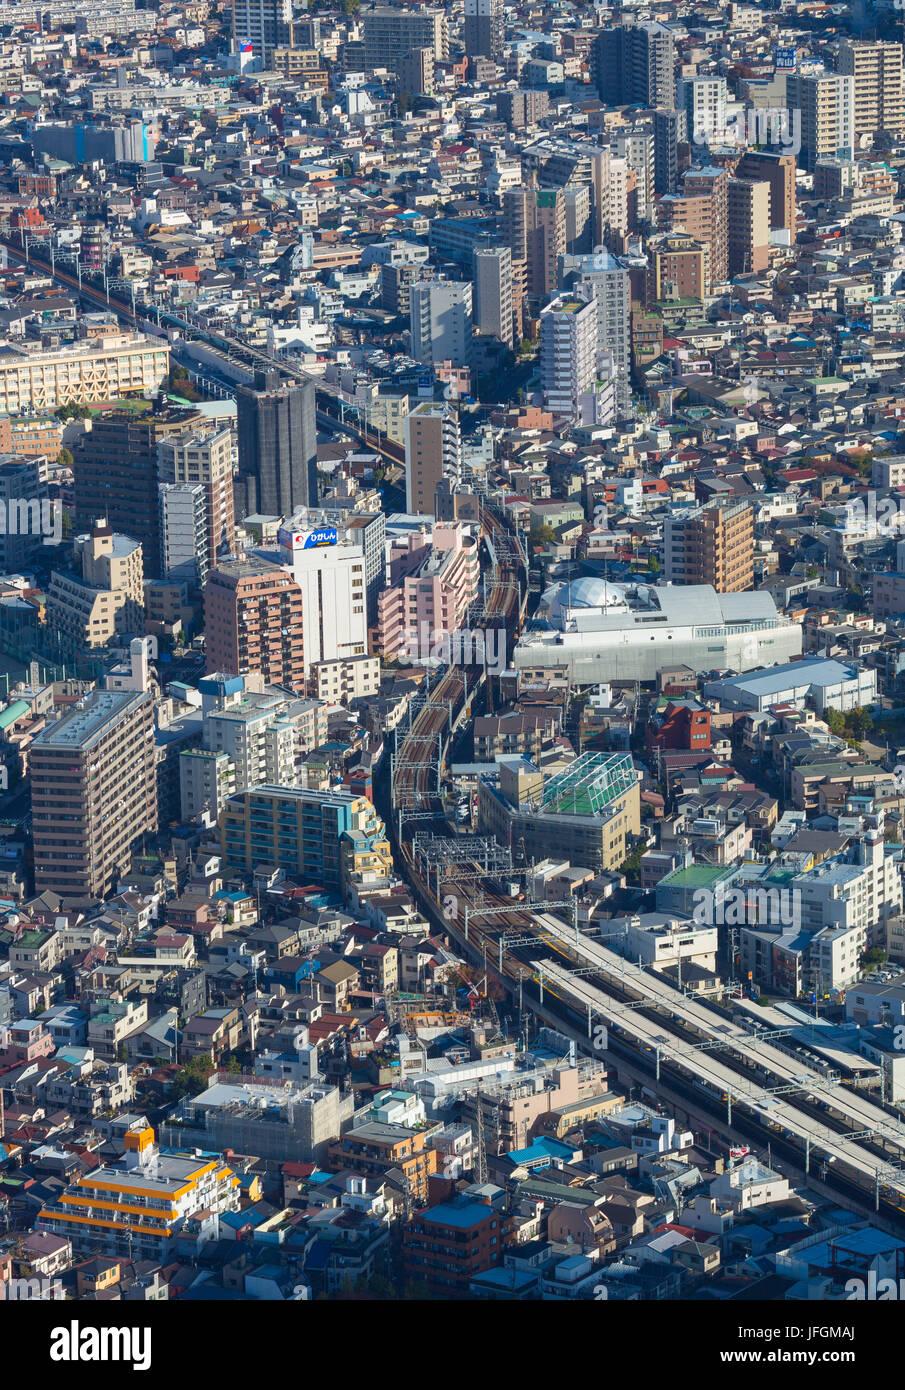 Japan, Kanto, Tokyo City, Keisei Oshiage train line - Stock Image